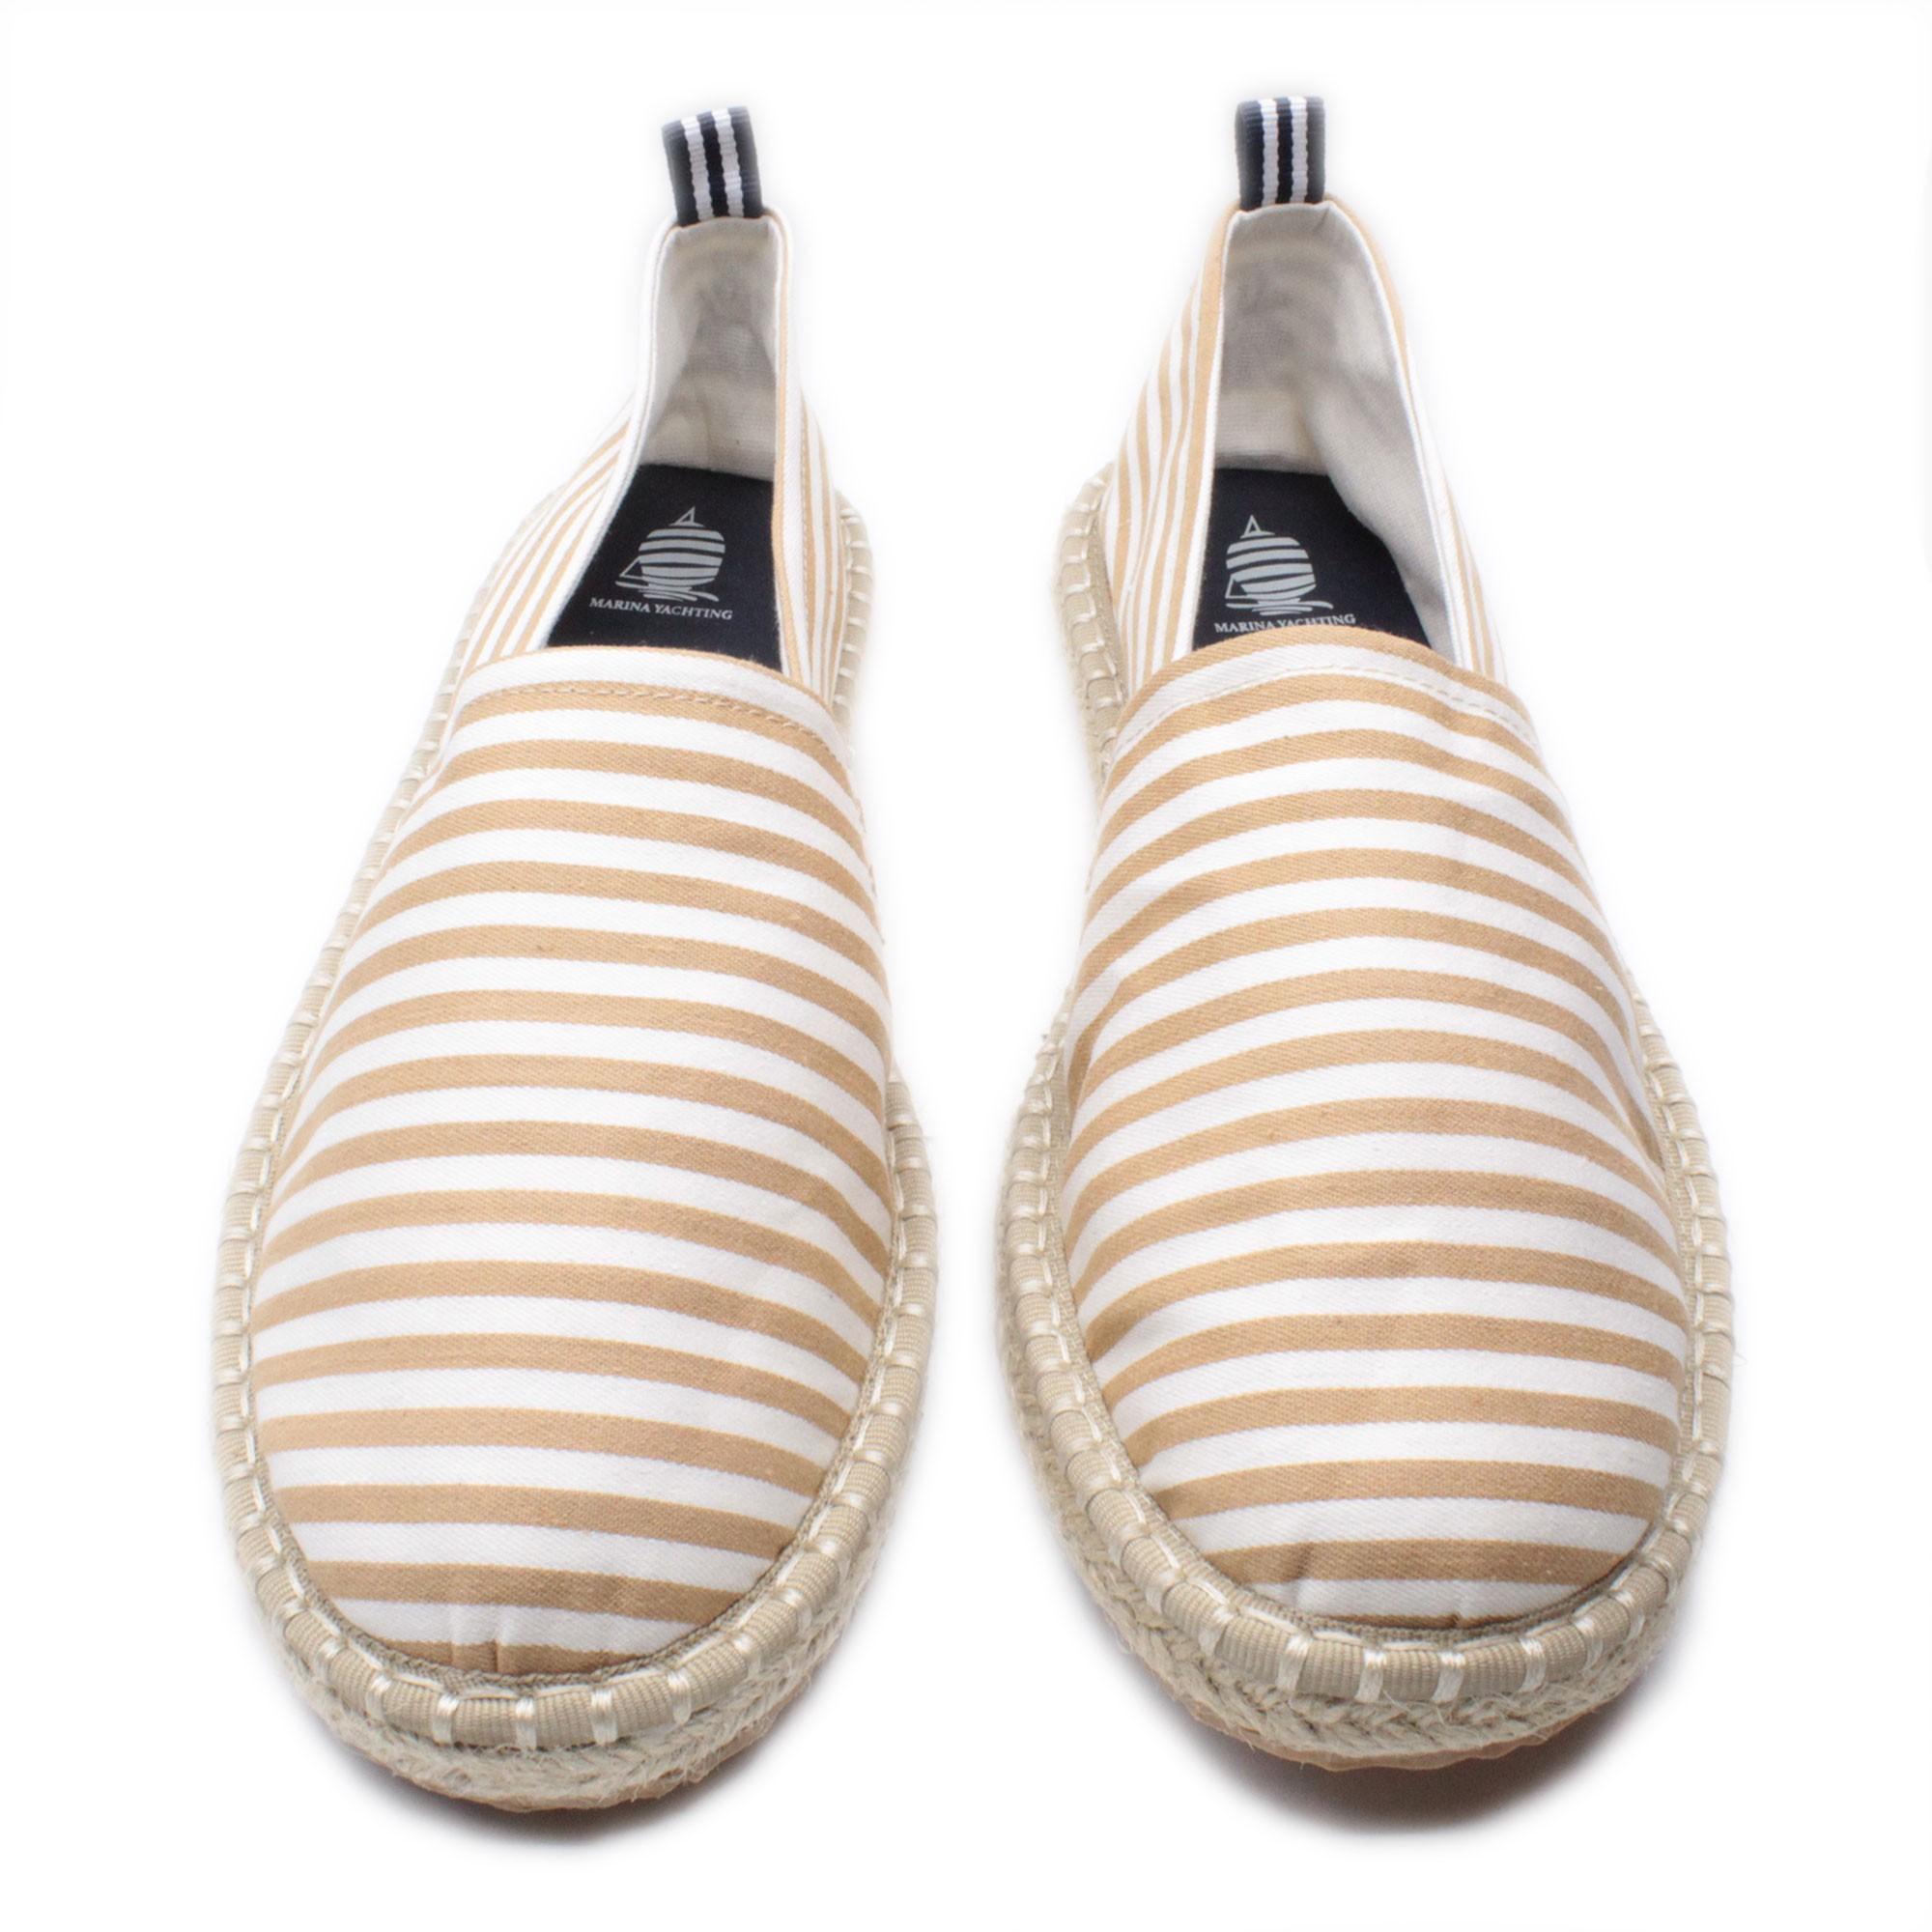 Espadrillas-Uomo-Marina-Yachting-Scarpe-da-Spiaggia-Estive-a-Righe-Made-in-Italy miniatura 10